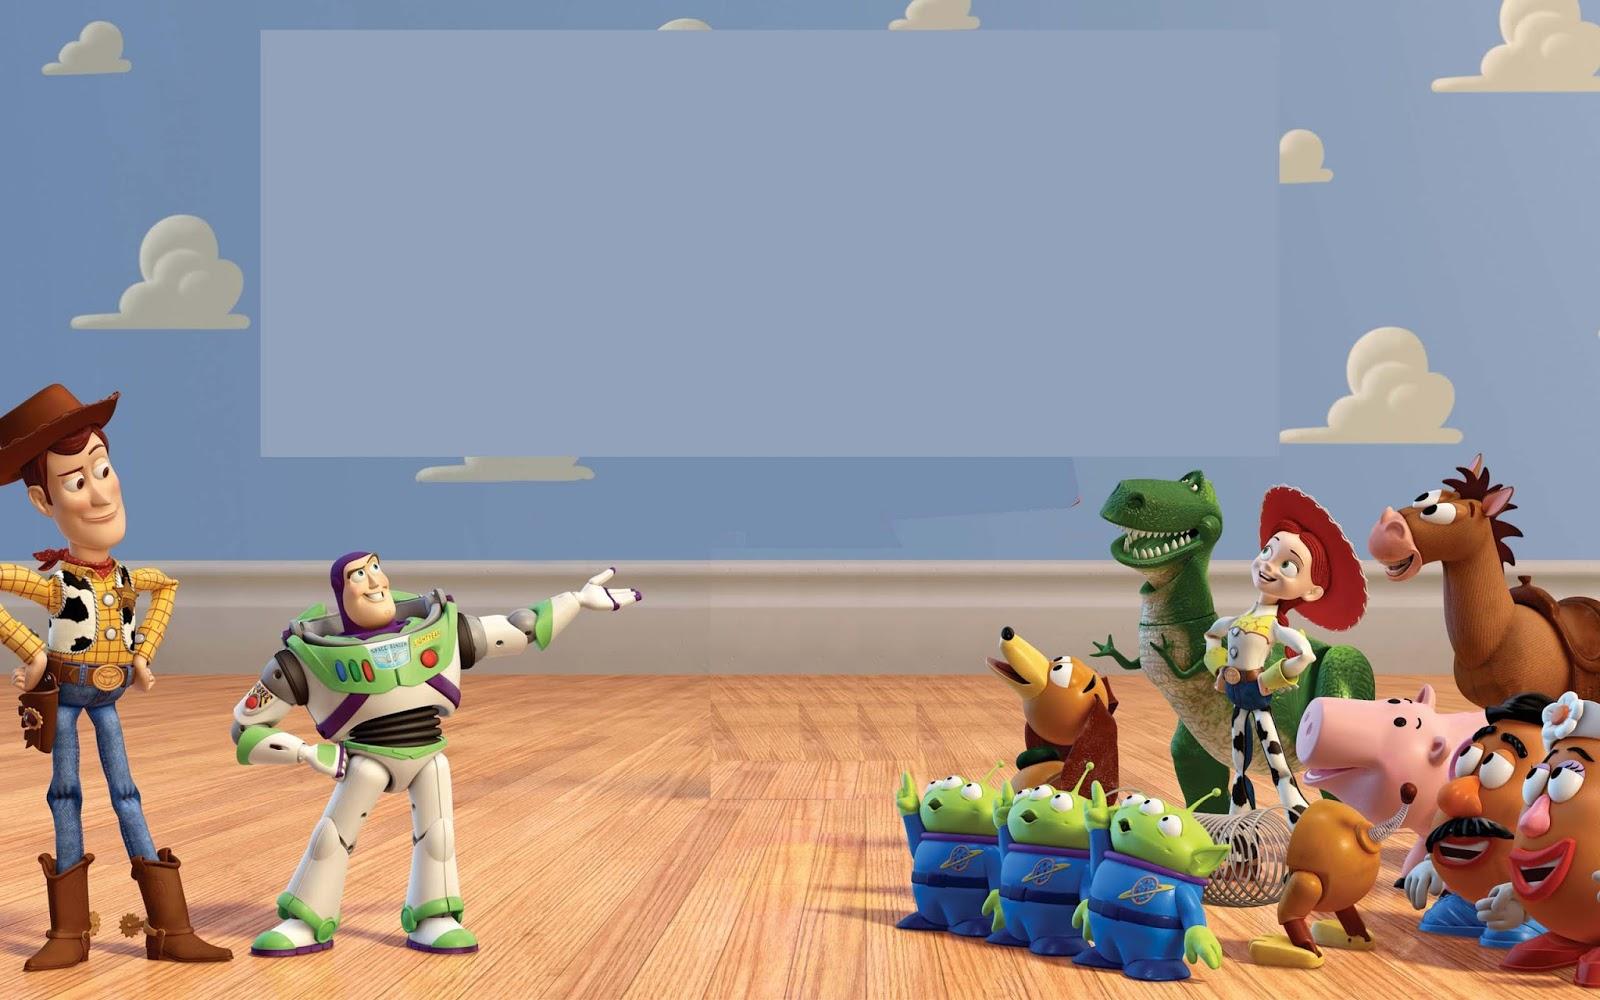 plantillas para fotograf u00cdas y m u00c1s plantilla para caritas de toy story atom clip art png atm clip art